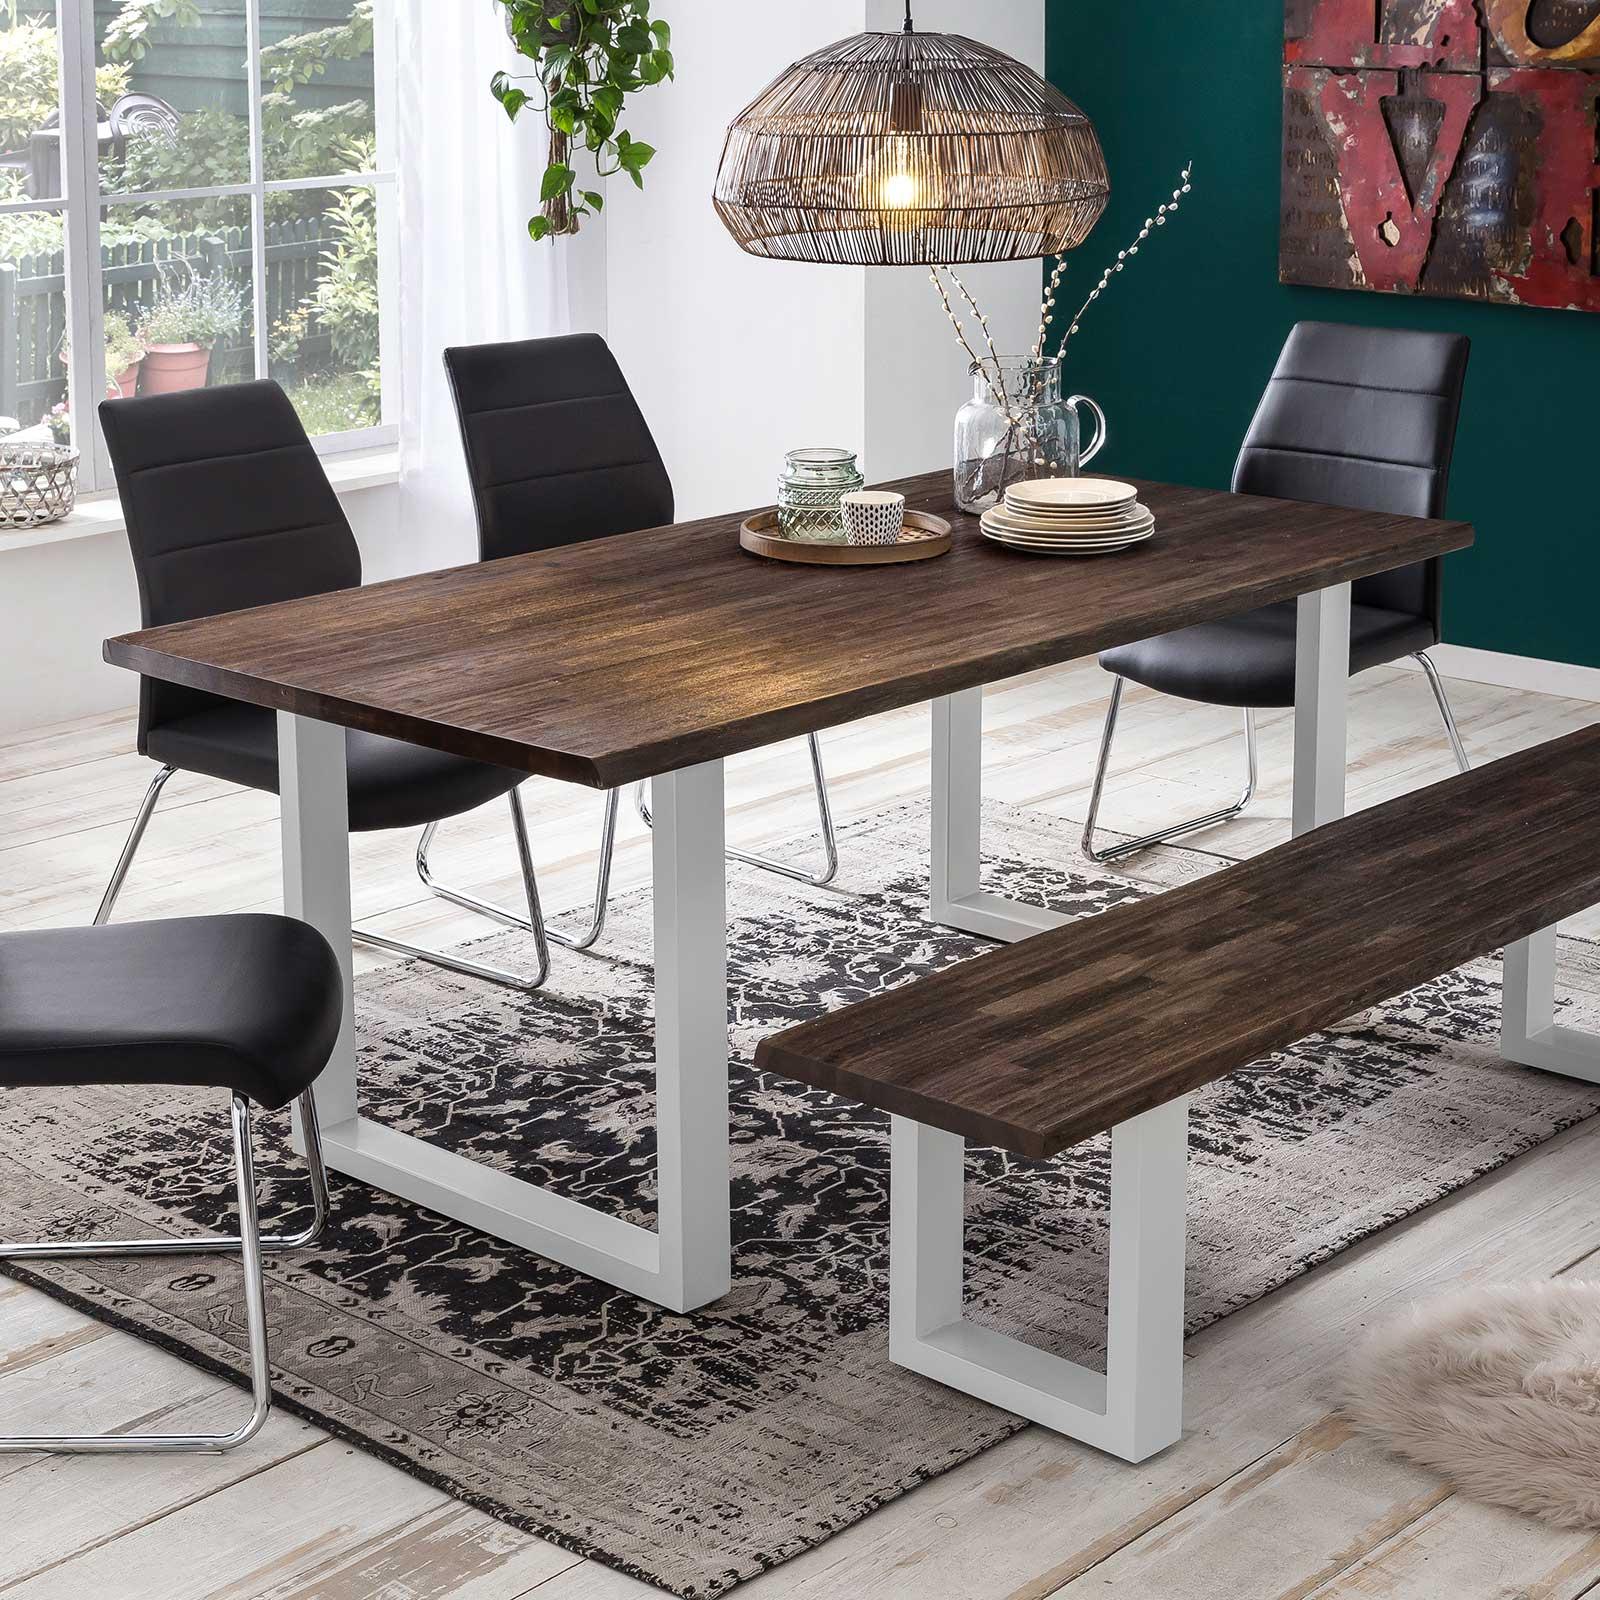 esstisch byra akazie massivholz braun verwittert mit. Black Bedroom Furniture Sets. Home Design Ideas